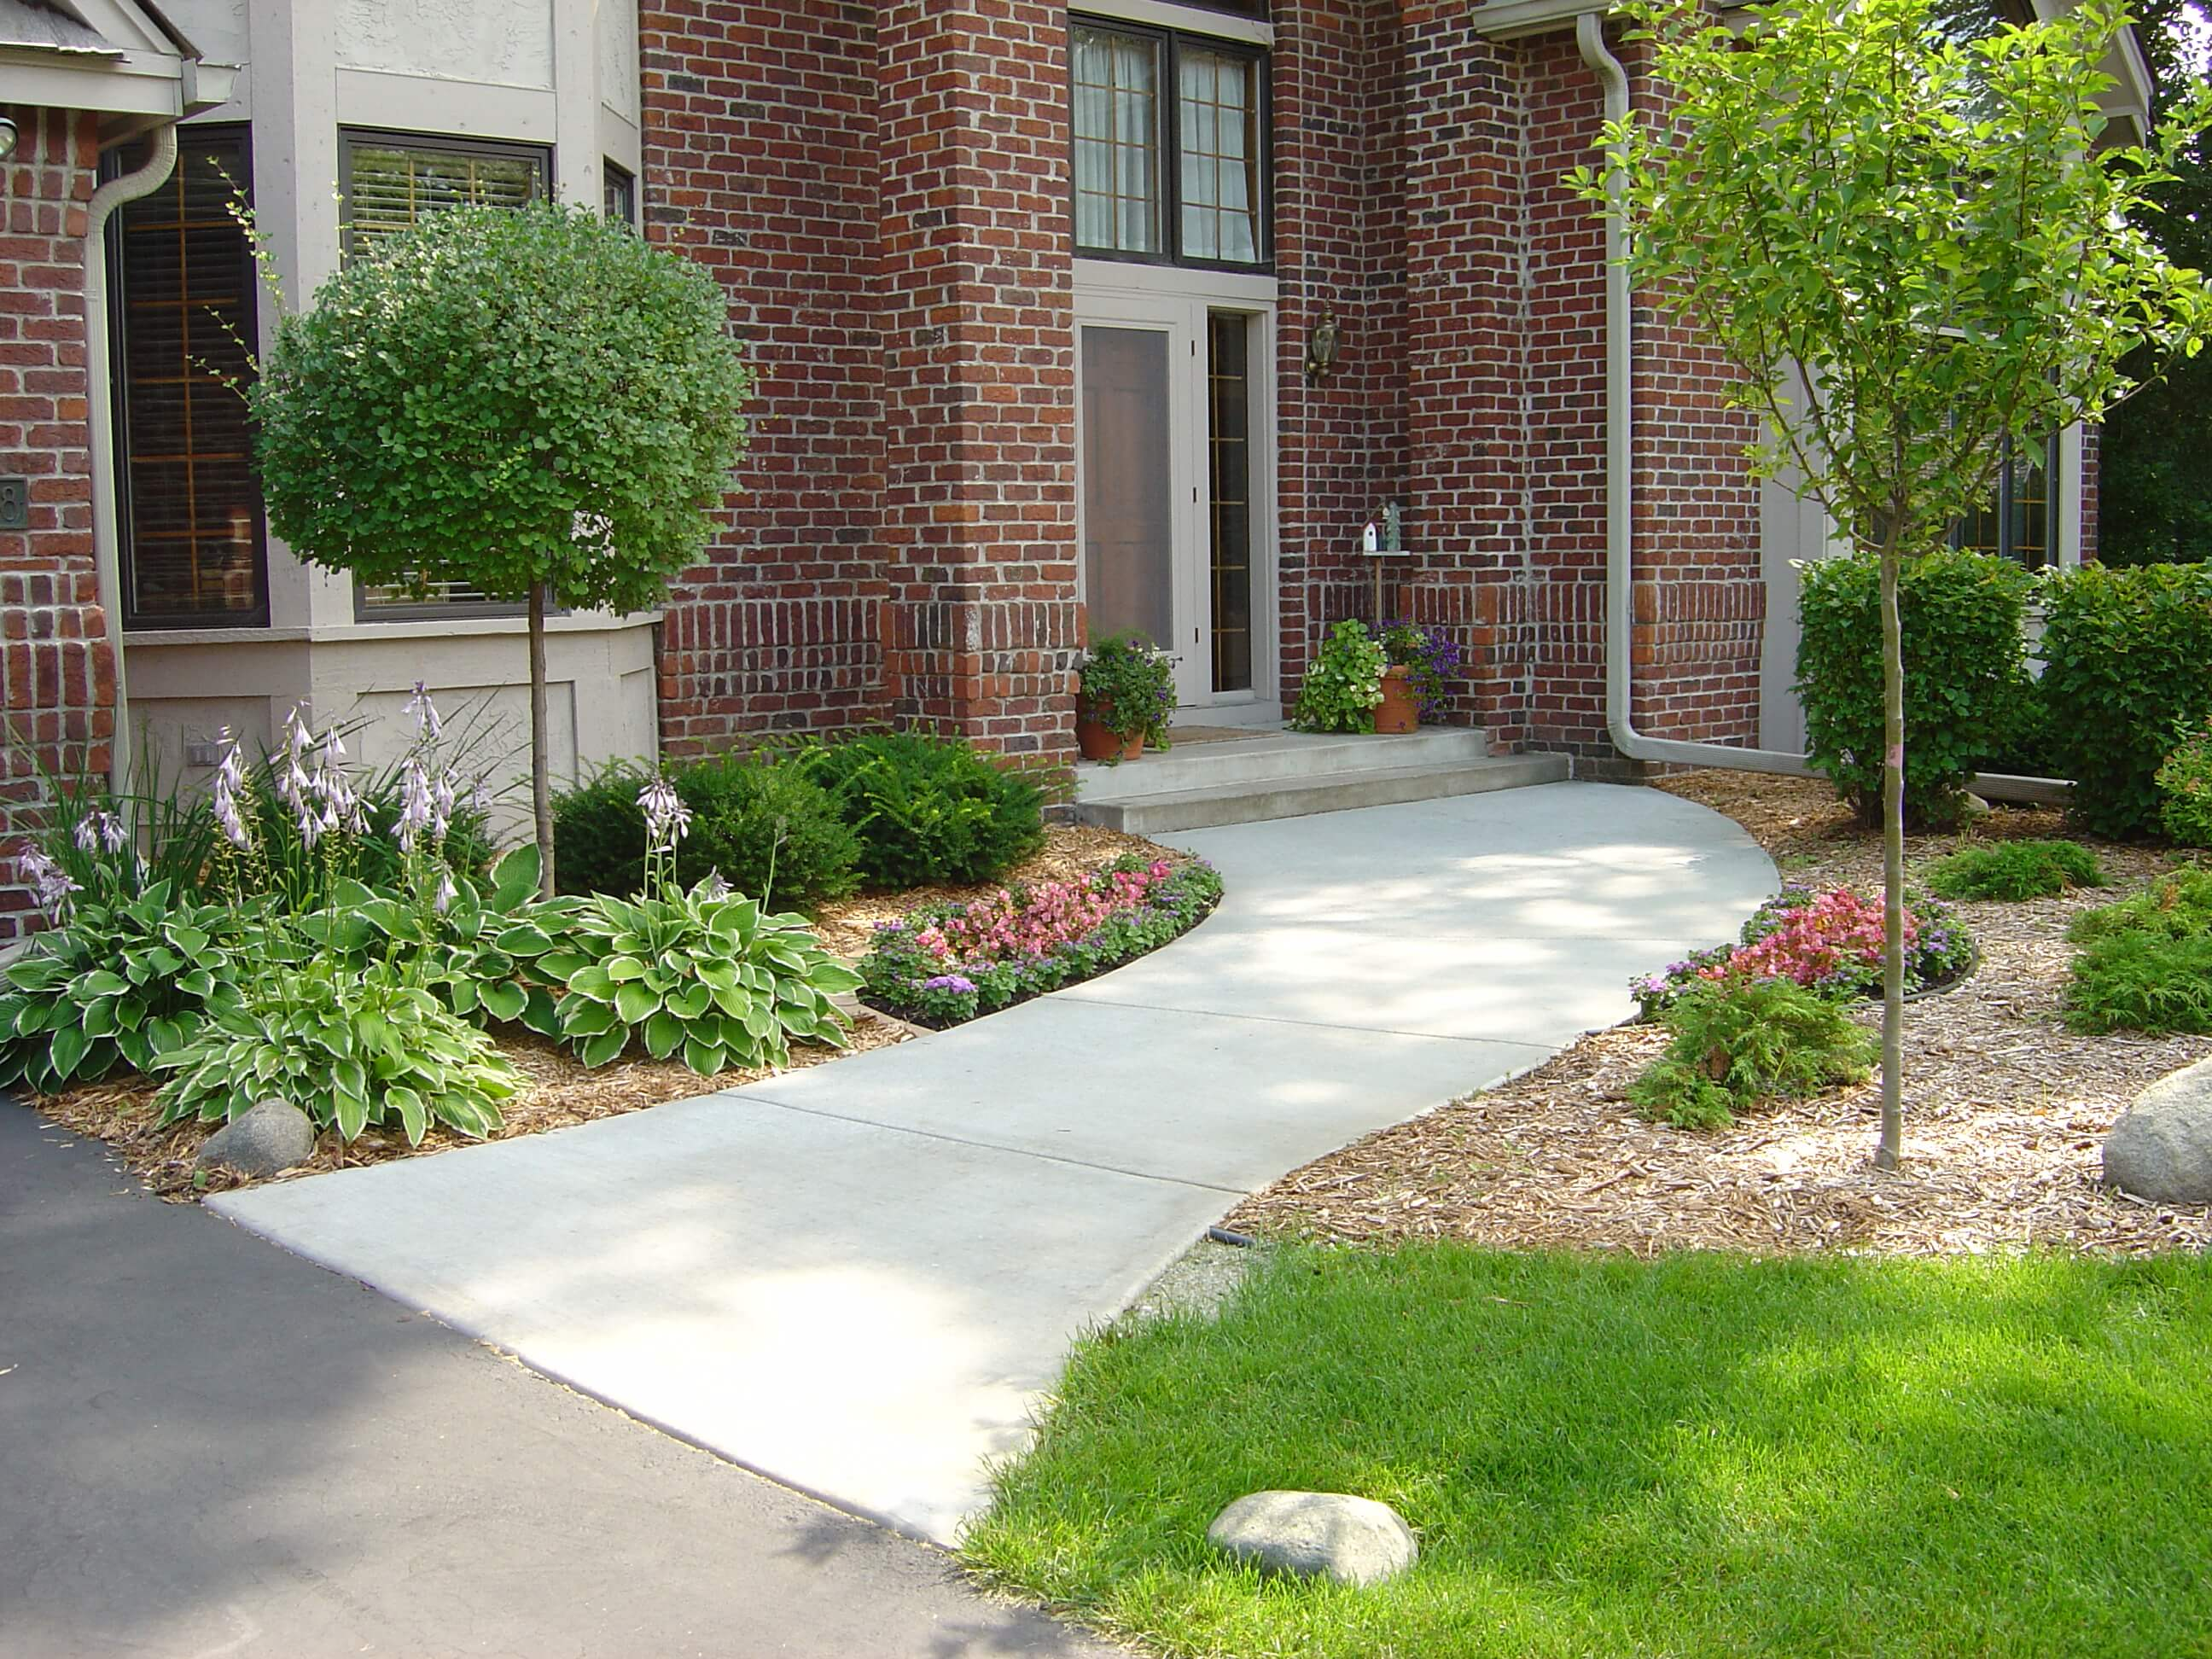 Concrete_Contractors_Lakeville_MN Footer Image